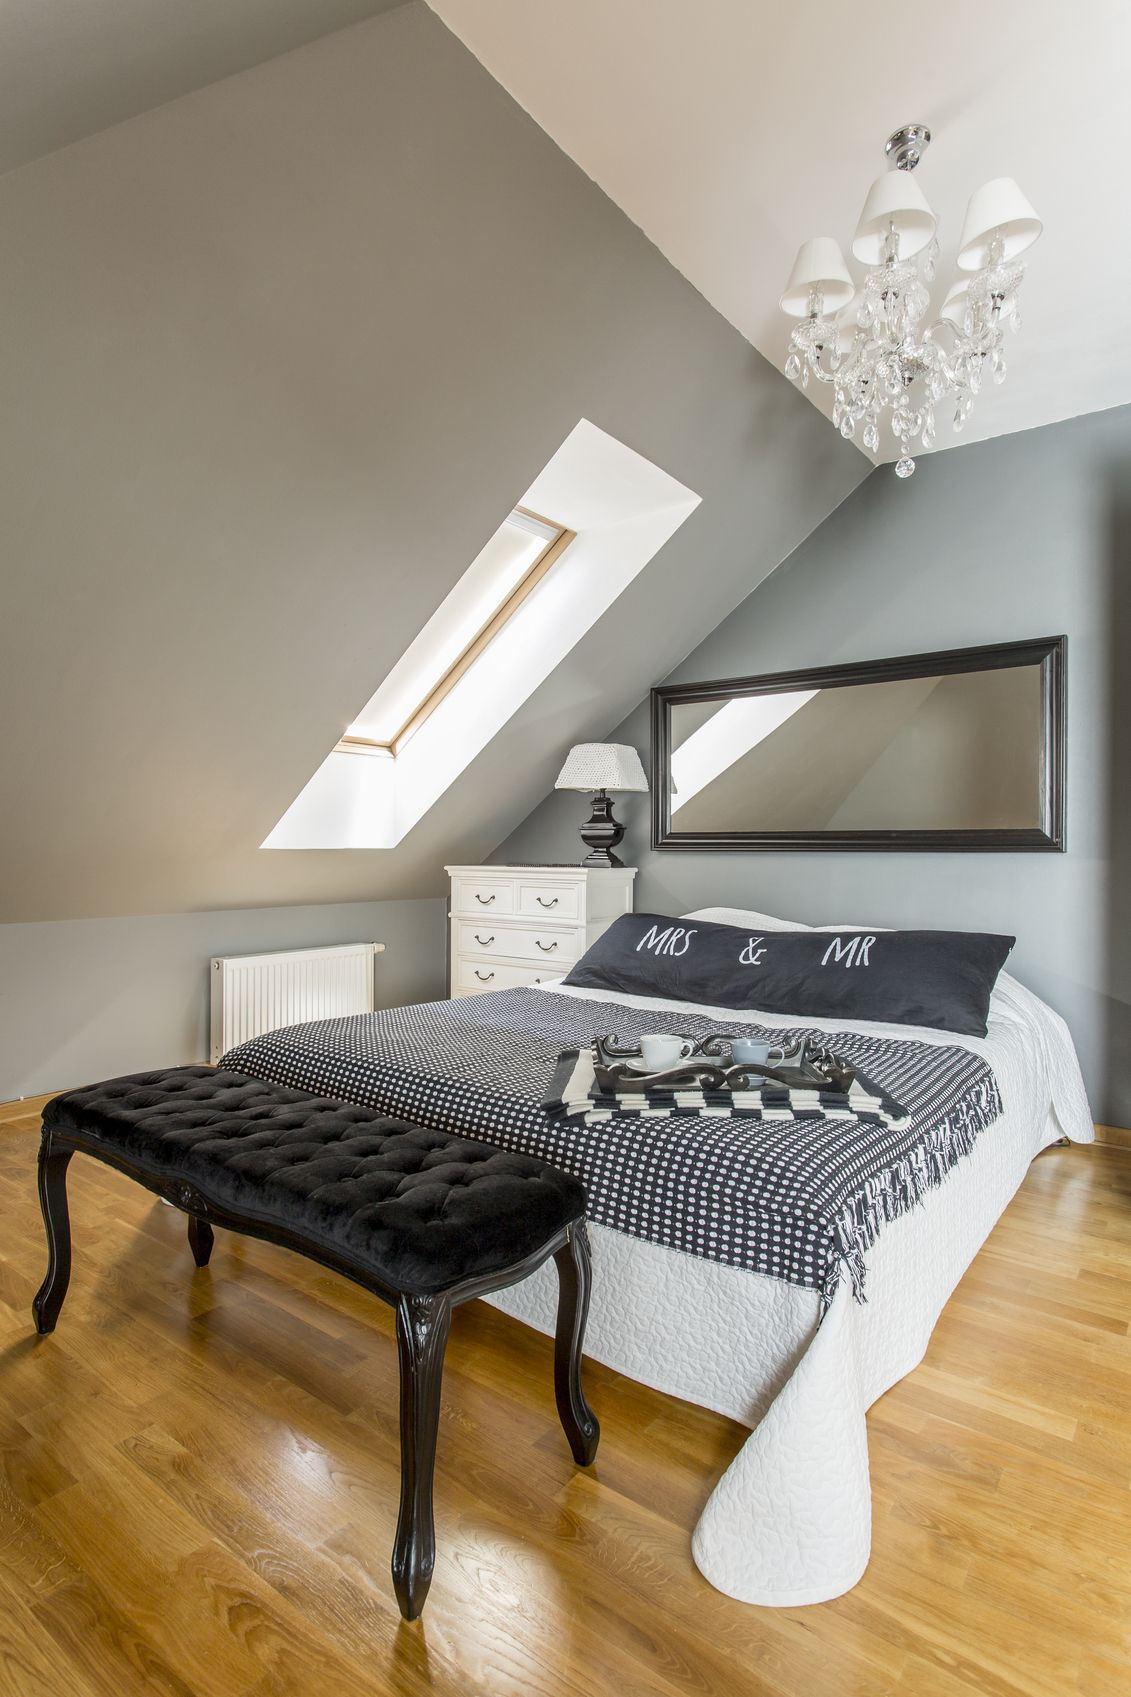 dachschrägen im schlafzimmer gestalten | einrichtung // wohnen ... - Schlafzimmer Einrichten Mit Dachschrgen